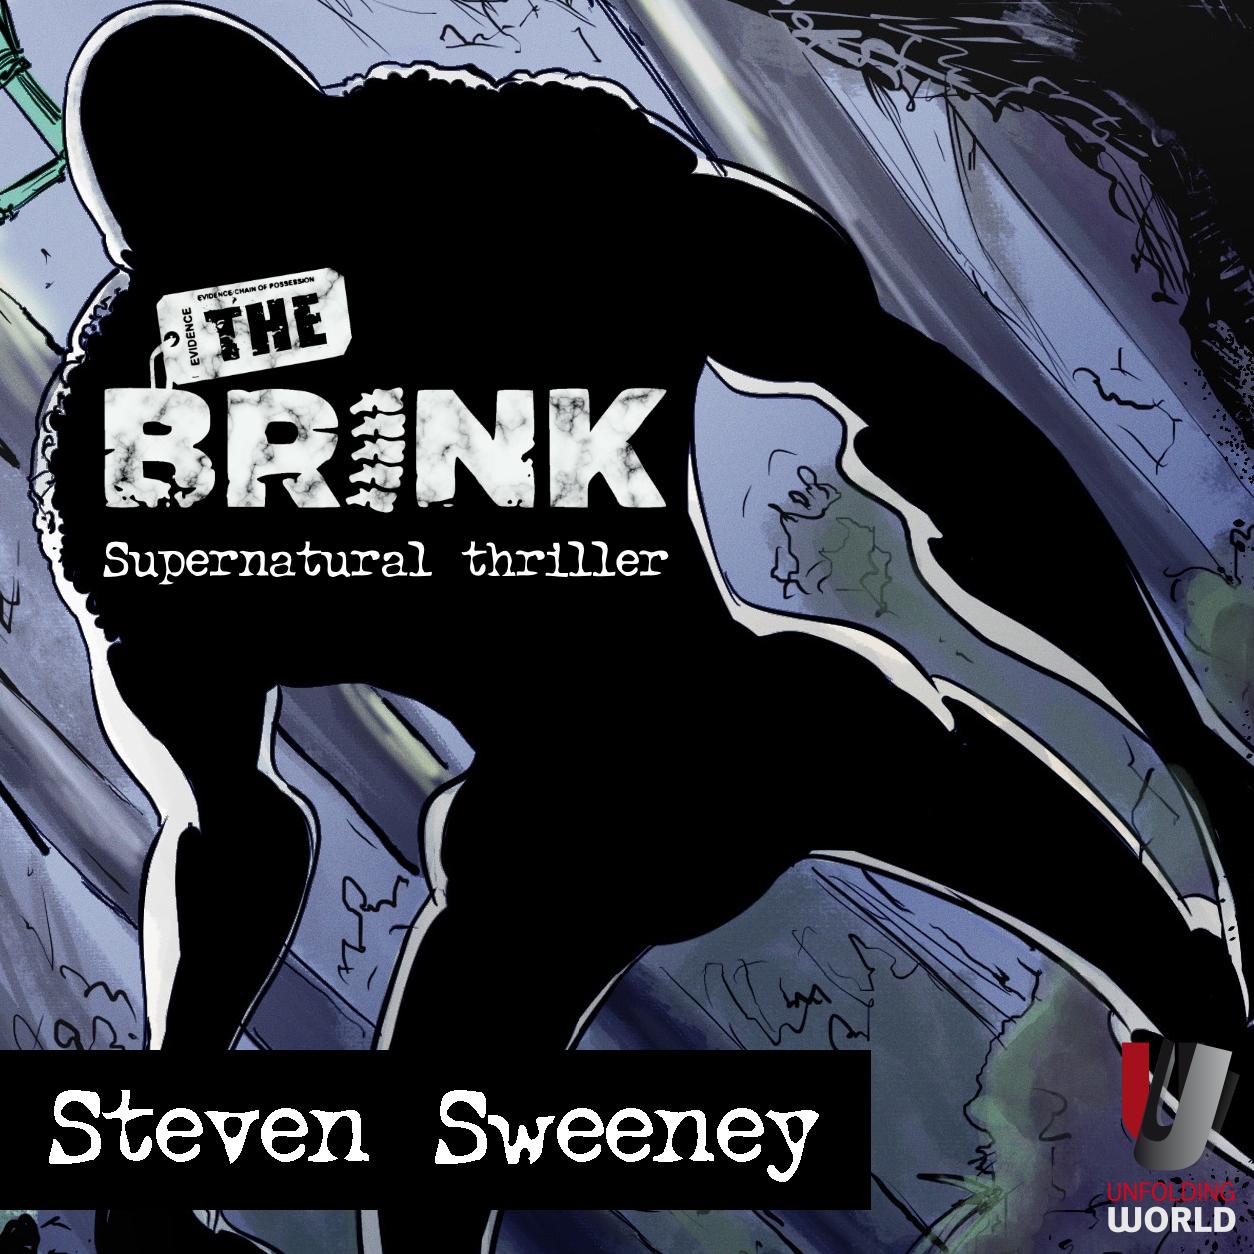 Steven Sweeney